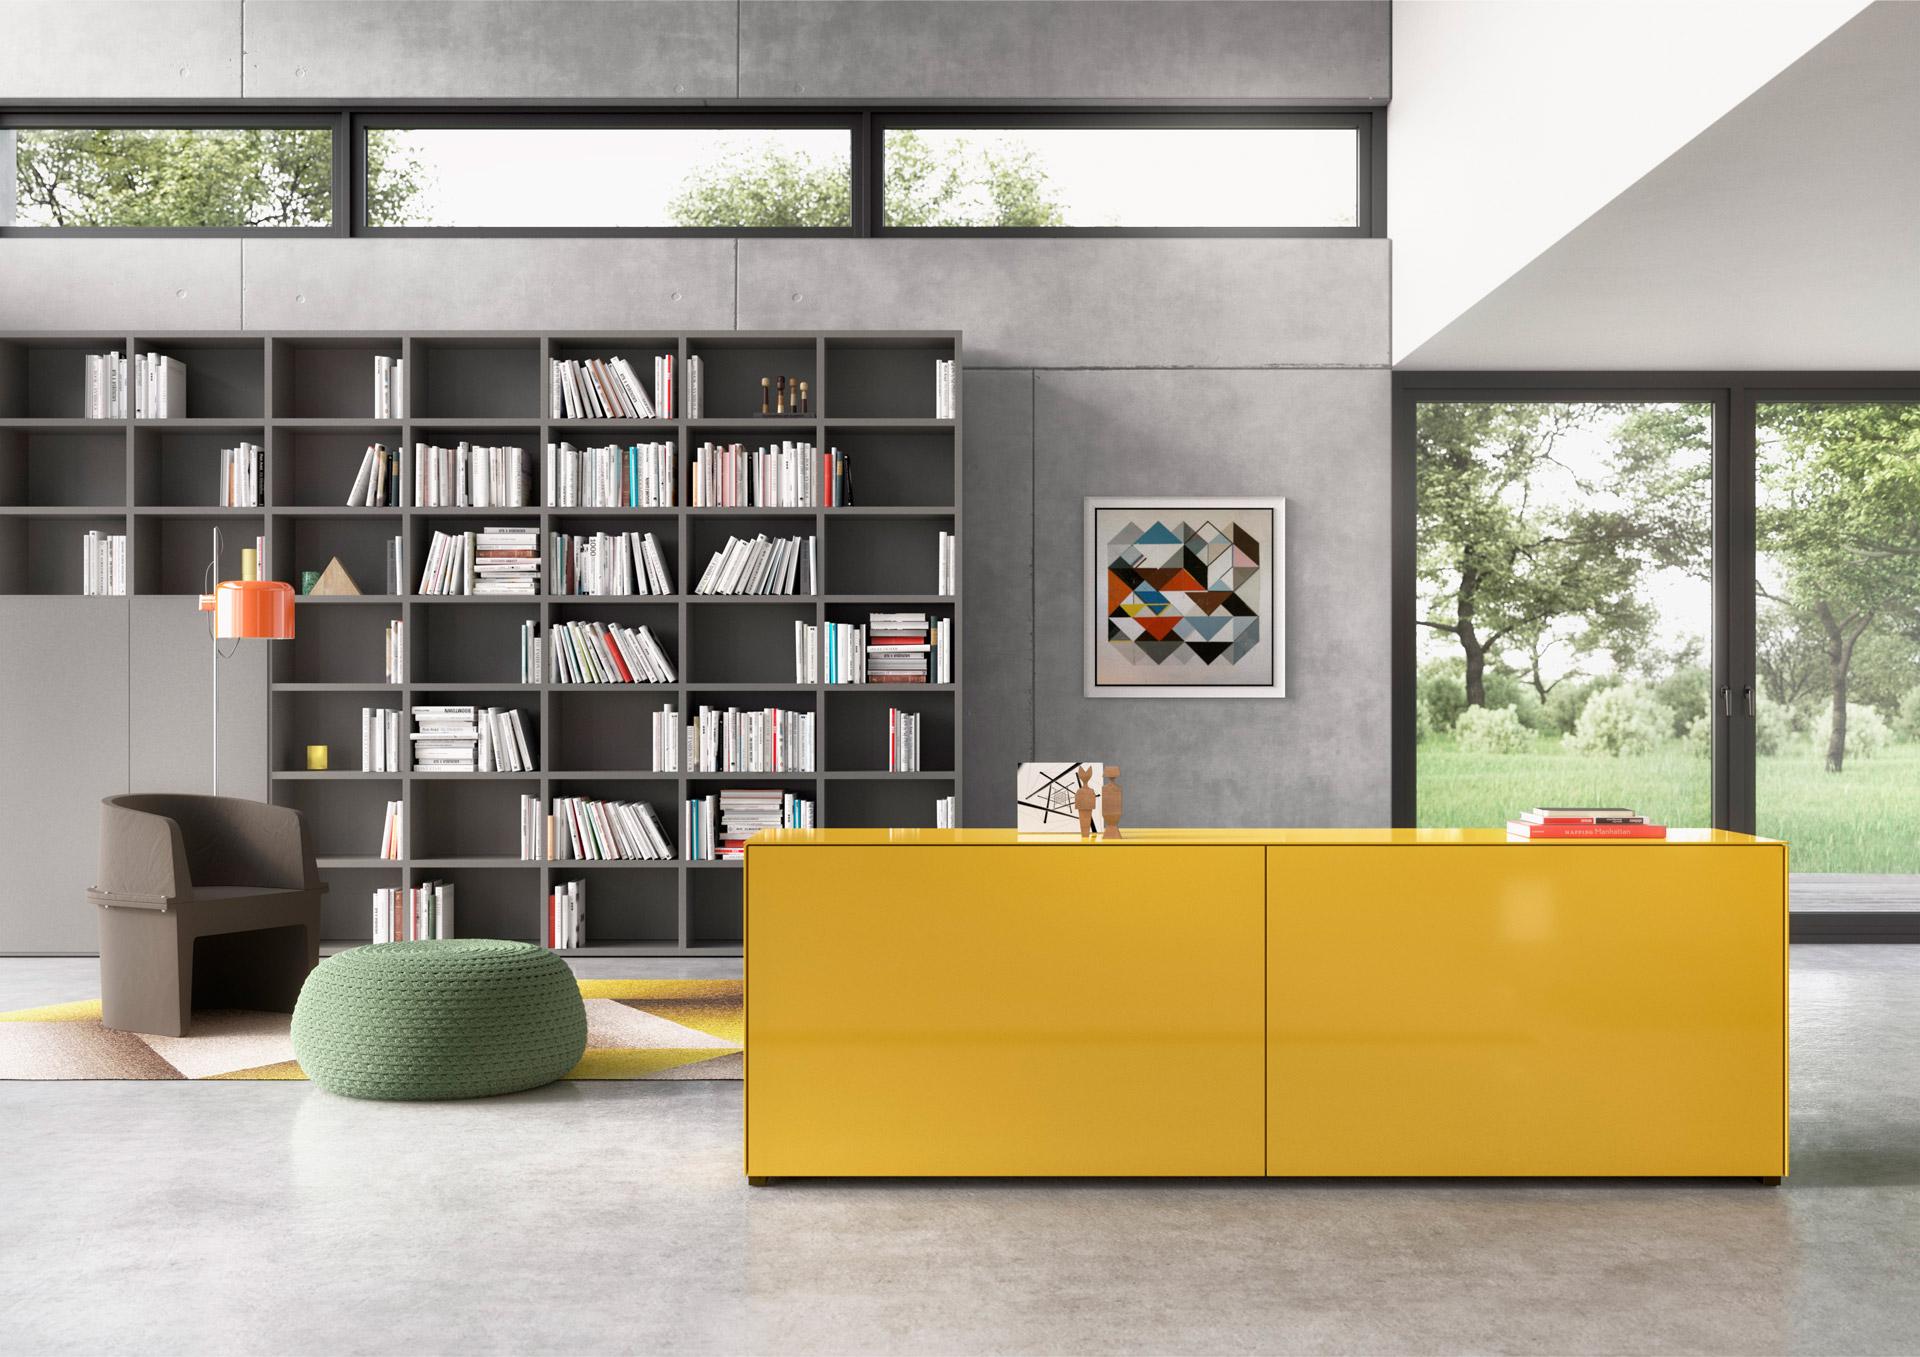 Möbel so perfekt und individuell wie ein Maßanzug